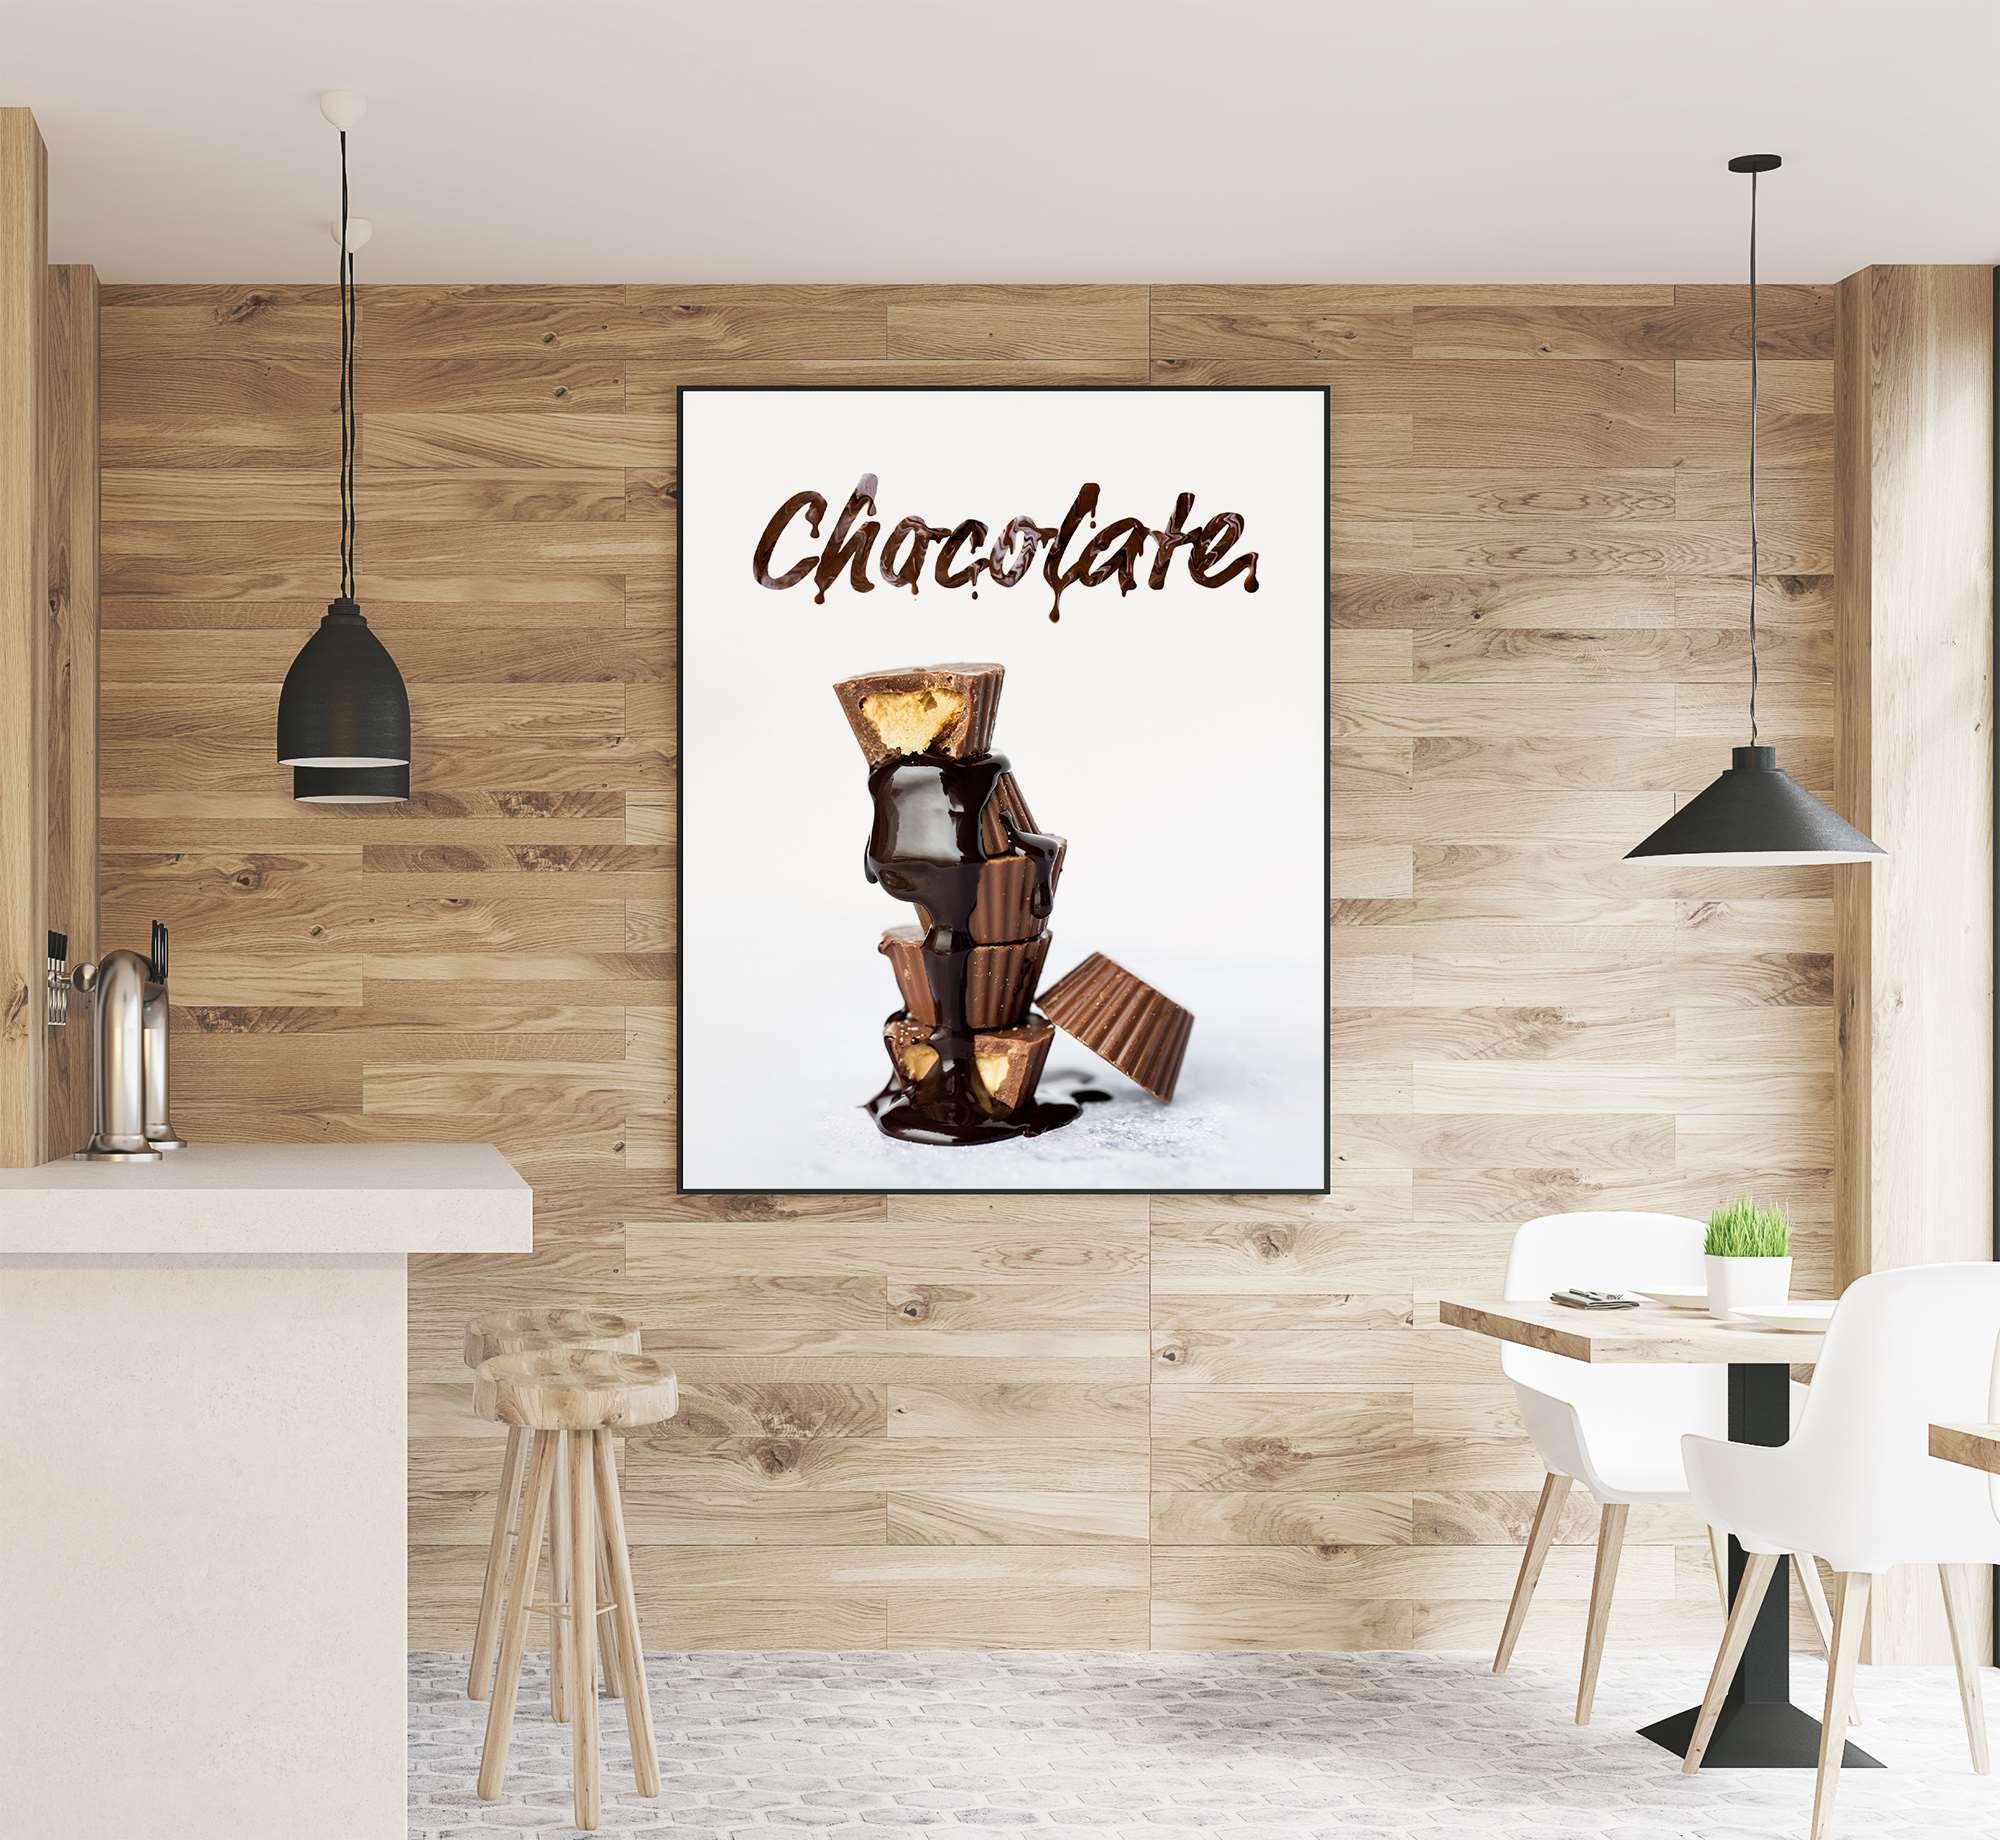 Das Leben ist wie eine Tafel Schokolade